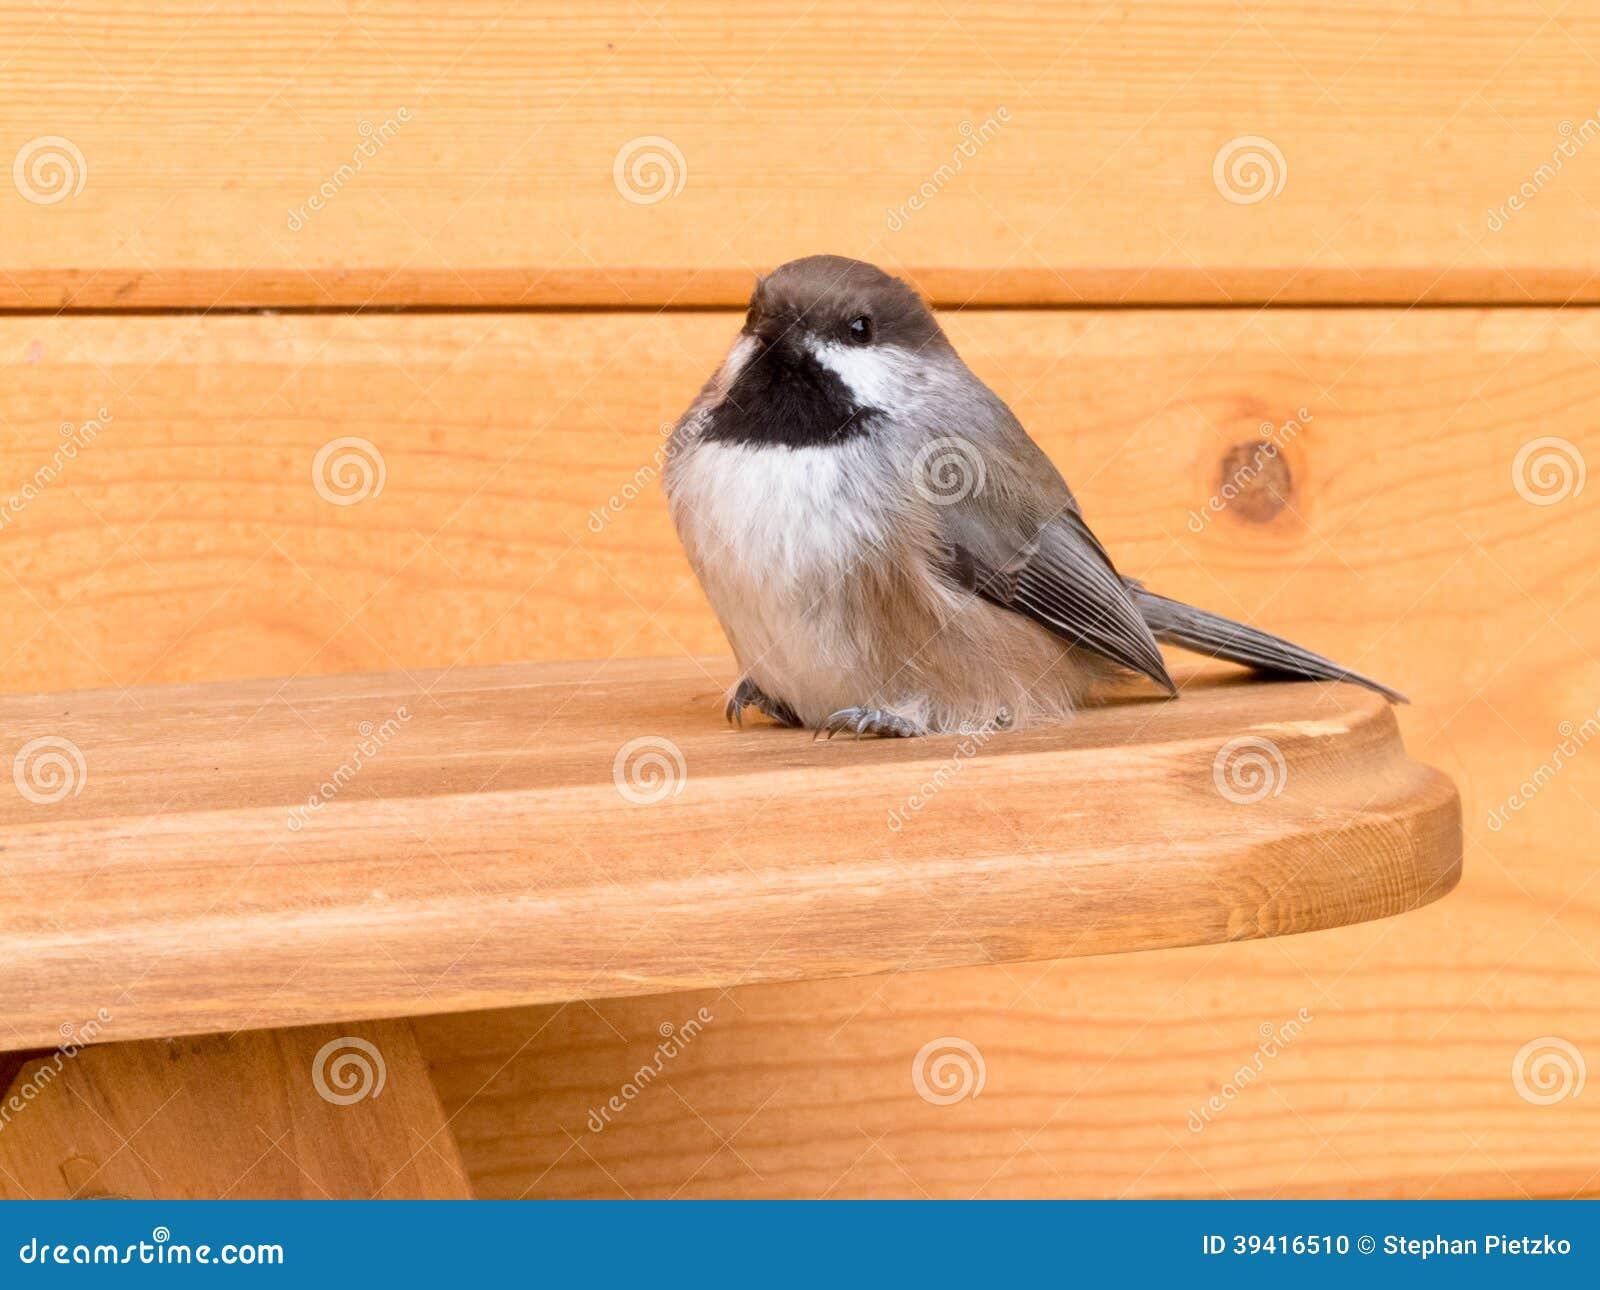 北方山雀Poecile hudsonicus雀形目鸟鸟